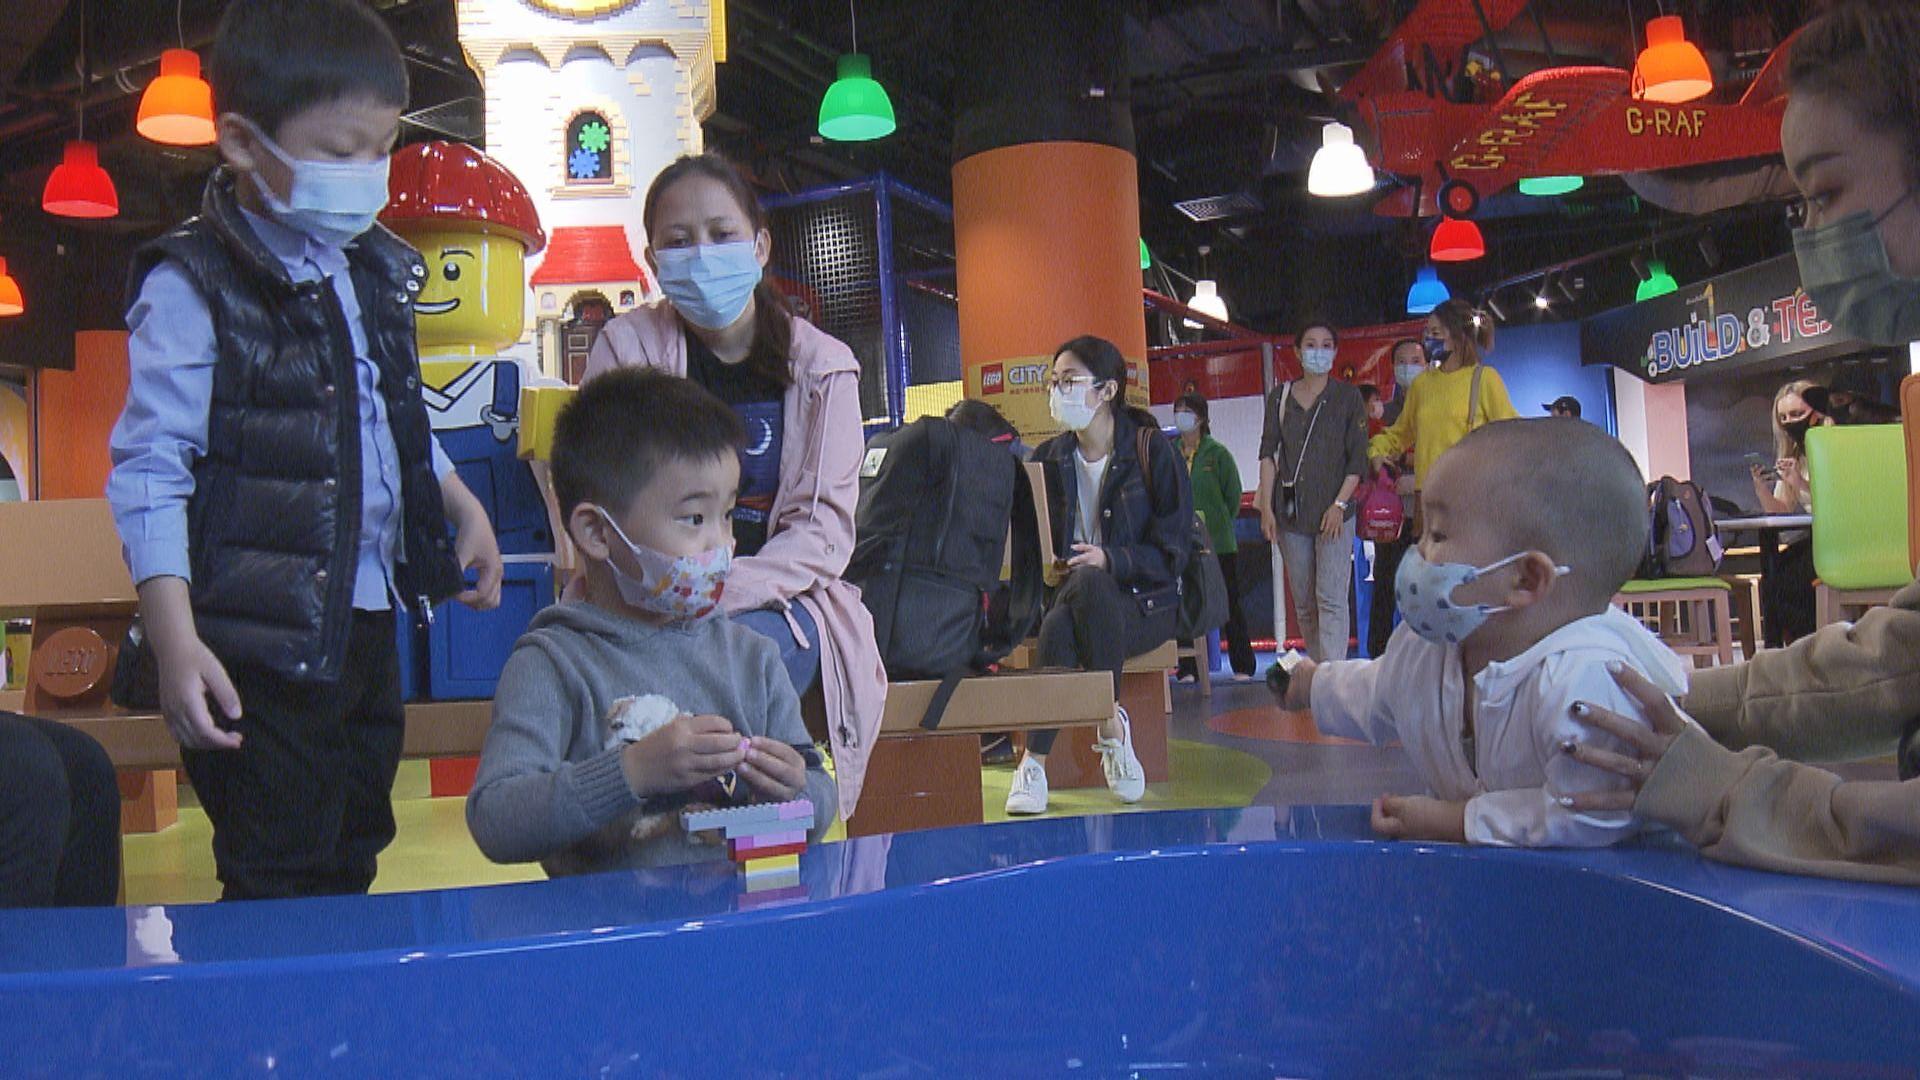 大型室內主題樂園開幕 專家提醒入場人士注意社交距離